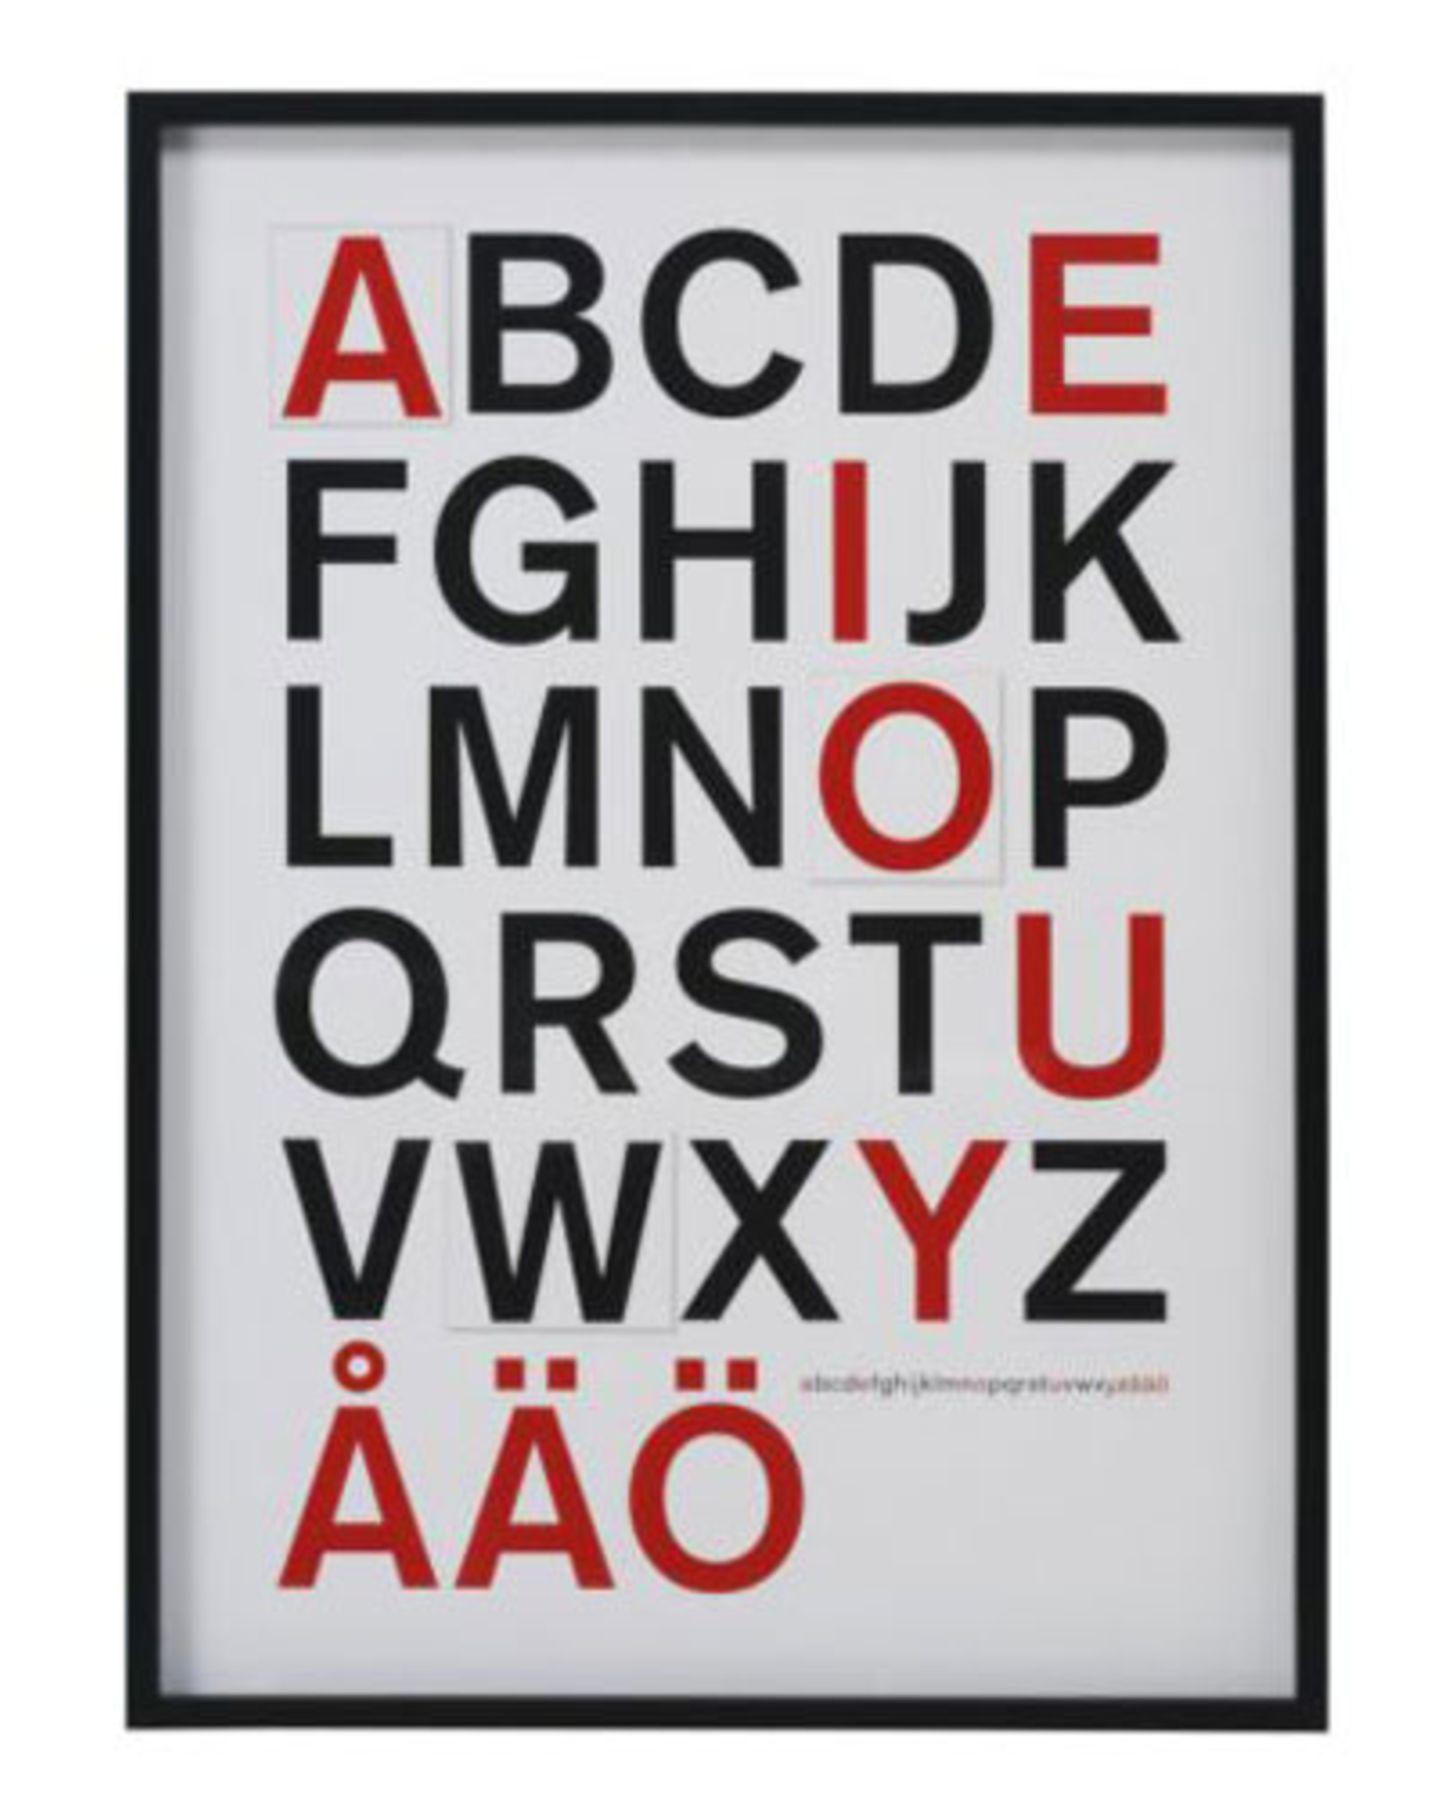 Unterschätzen Sie nicht die Macht des Alphabets, erst recht nicht der Vokale. Bild mit Rahmen von Ikea, 68 Mal 93 Zentimeter, um 40 Euro.